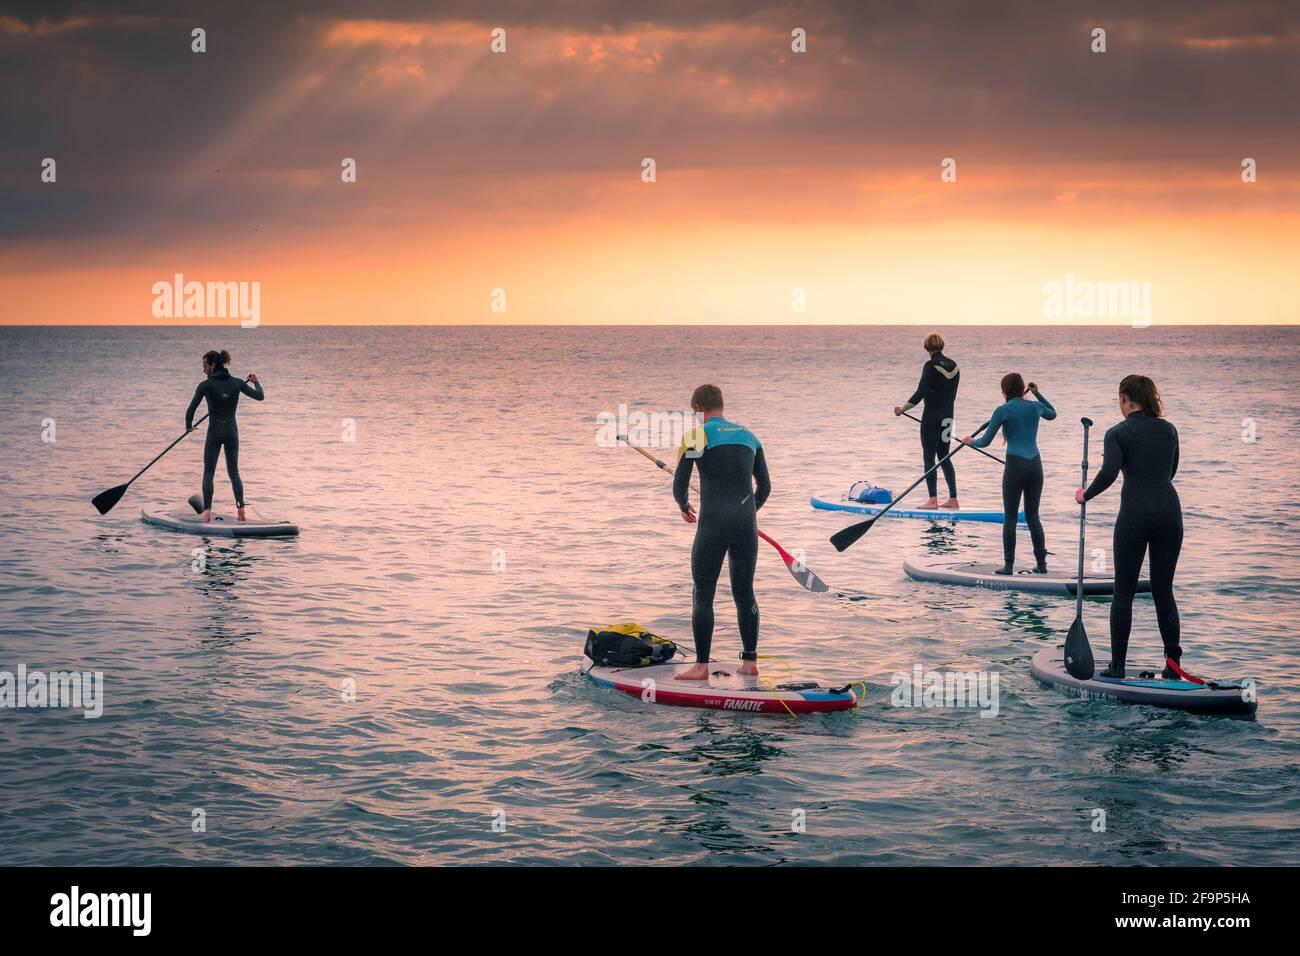 Un groupe de vacanciers pagayant sur des planches à roulettes Stand Up tandis que le soleil se couche sur la baie de Fistral à Newquay, en Cornouailles. Banque D'Images